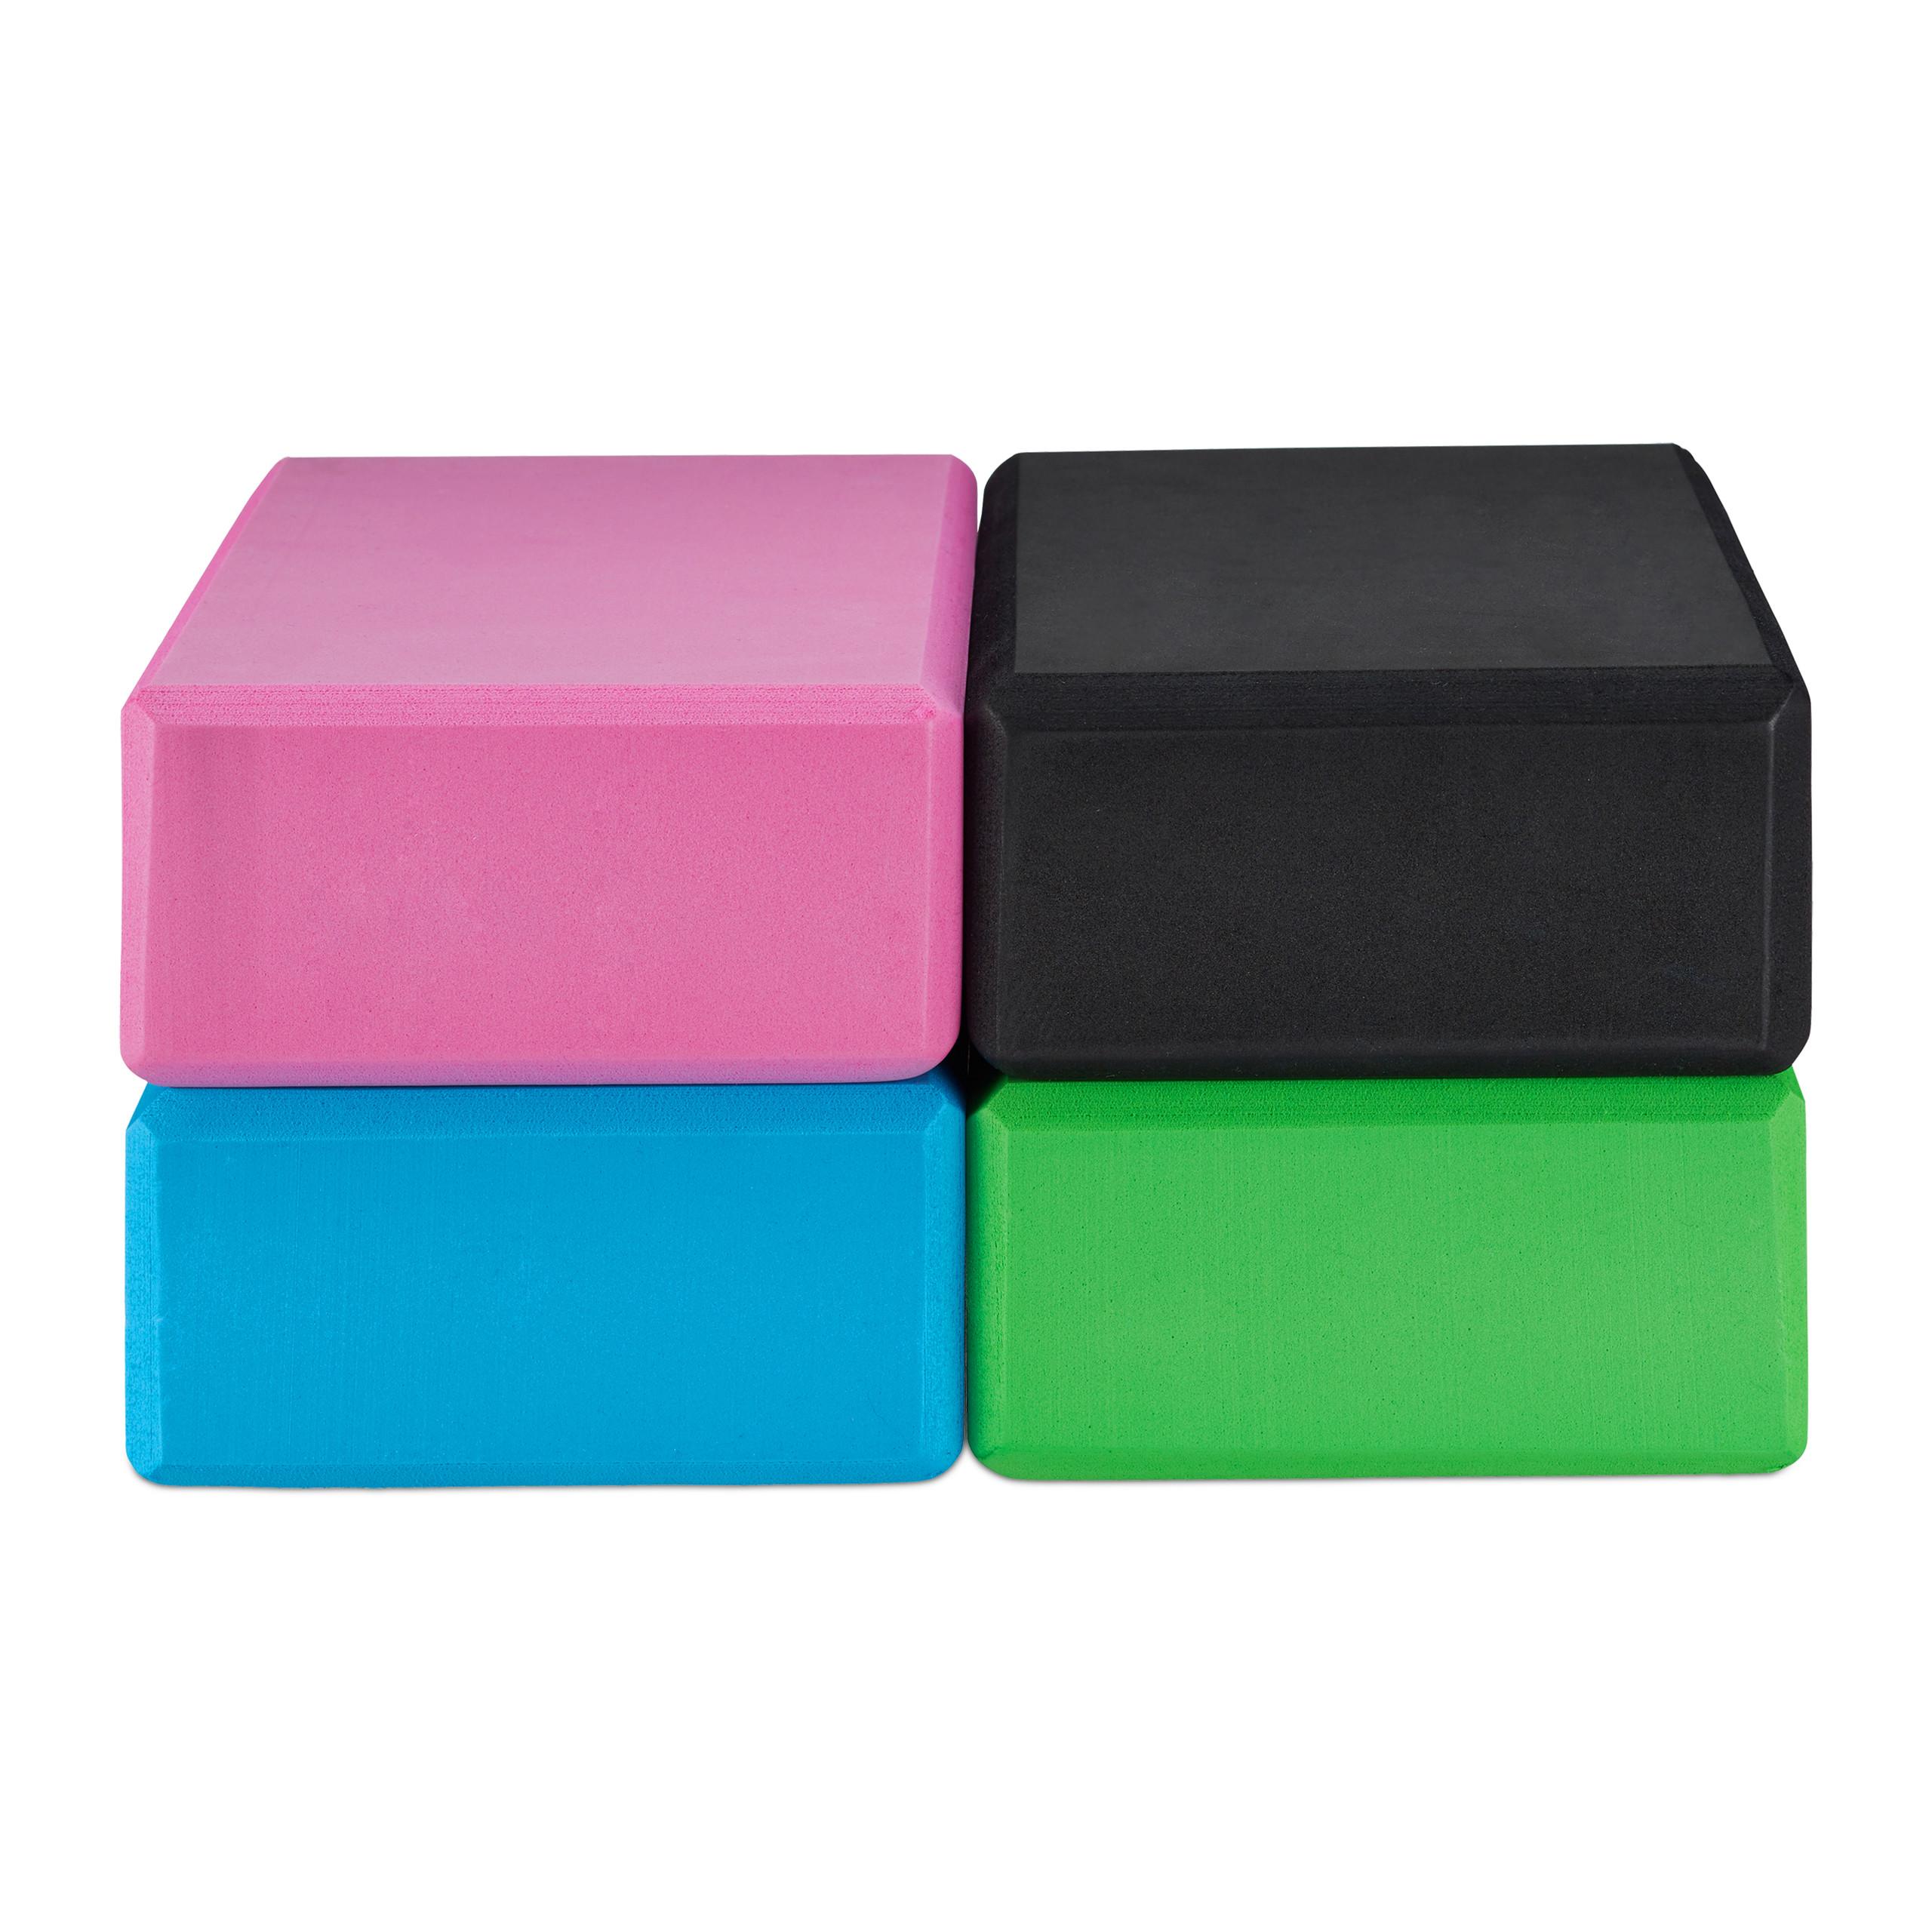 Pack-de-2-bloques-yoga-de-gomaespuma-Tacos-yoga-en-varios-colores-Ladrillos-yoga miniatura 16